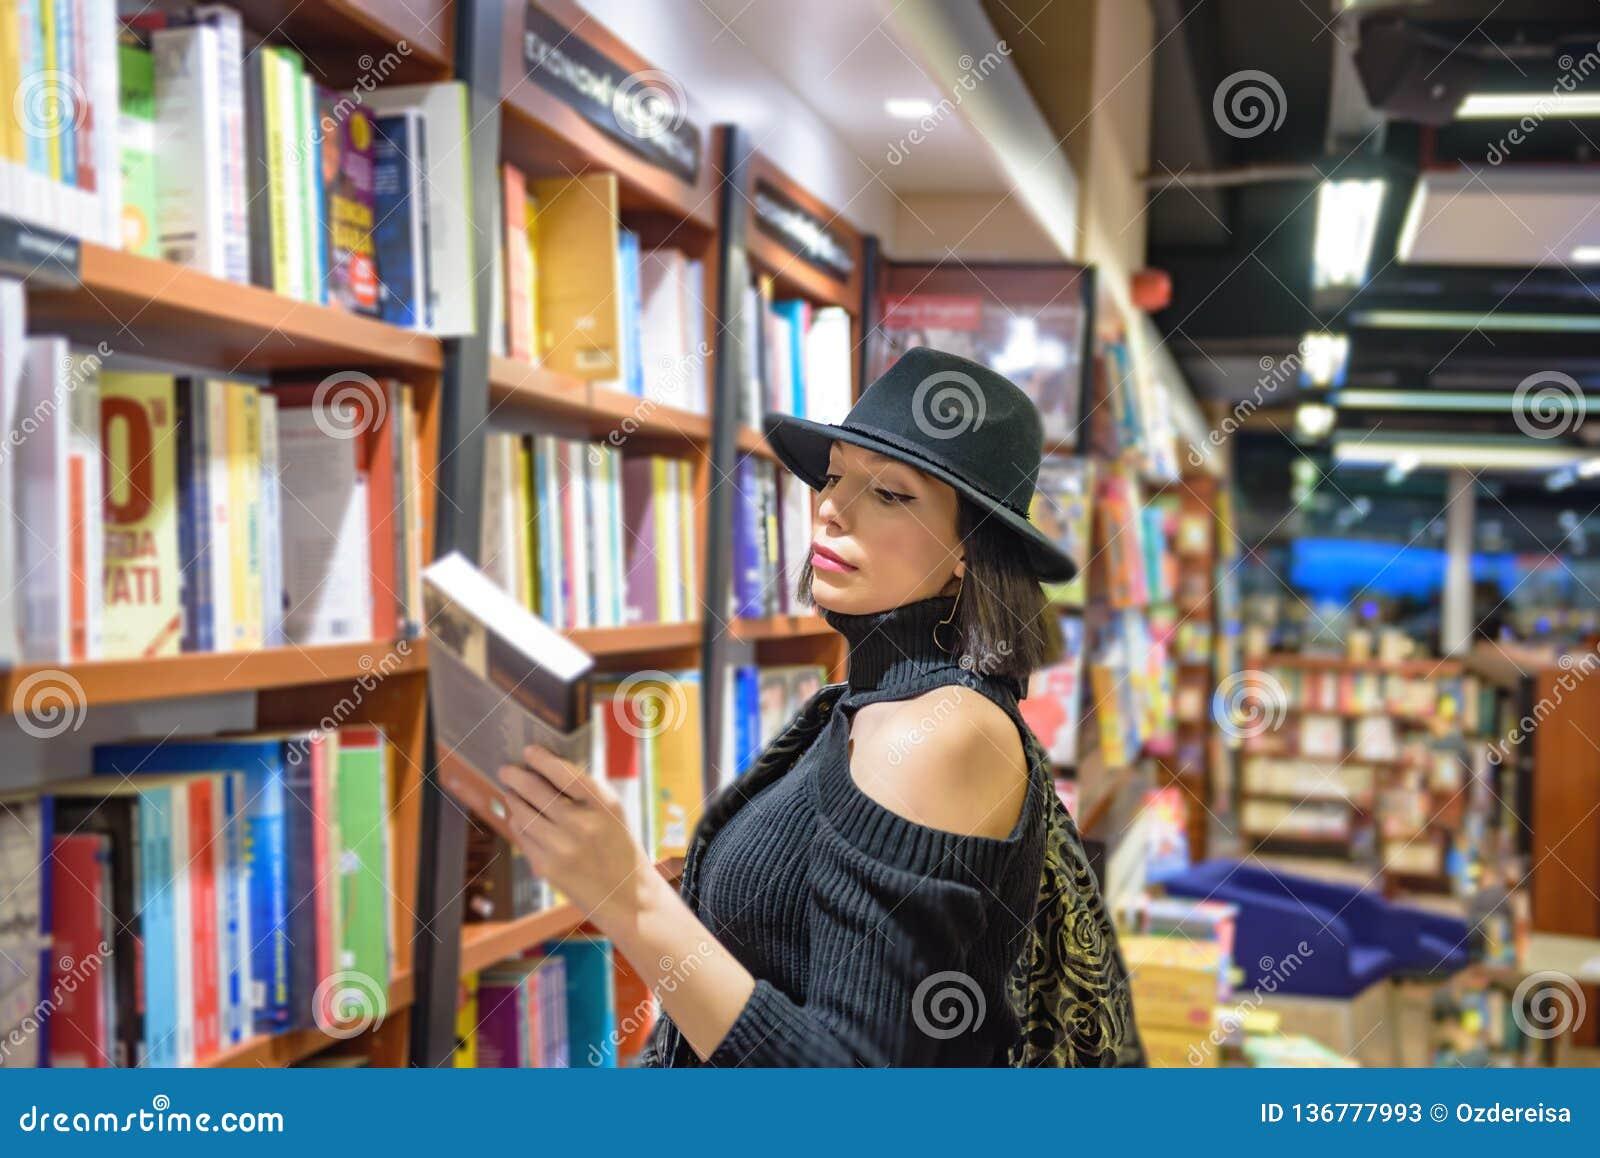 Piękna kobieta z czarnym kapeluszem jest w bookstore